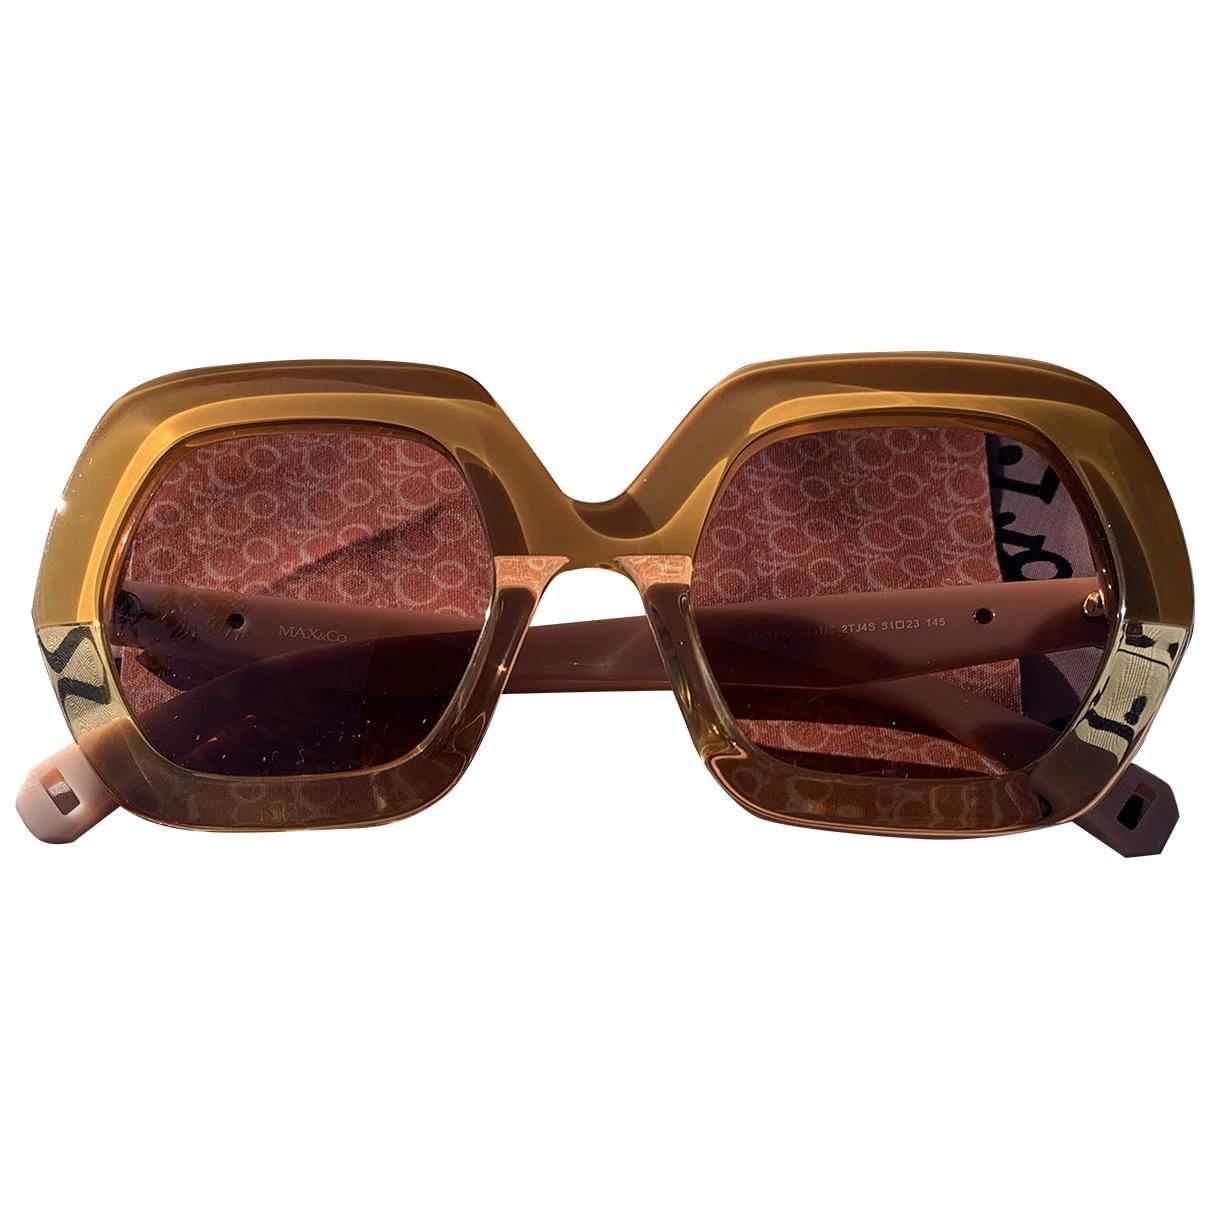 Max & Co \N Sonnenbrillen in  Beige Kunststoff